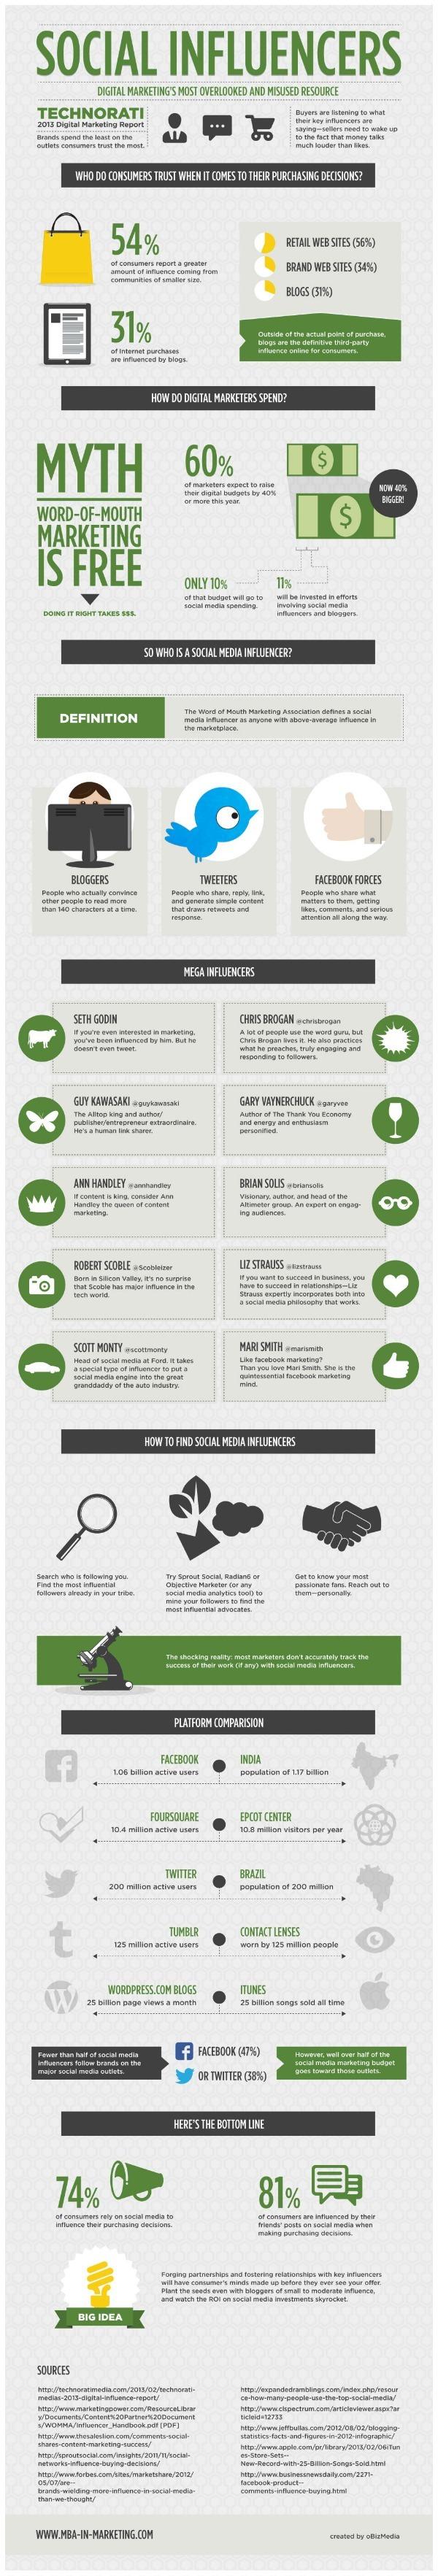 Understanding social influencers